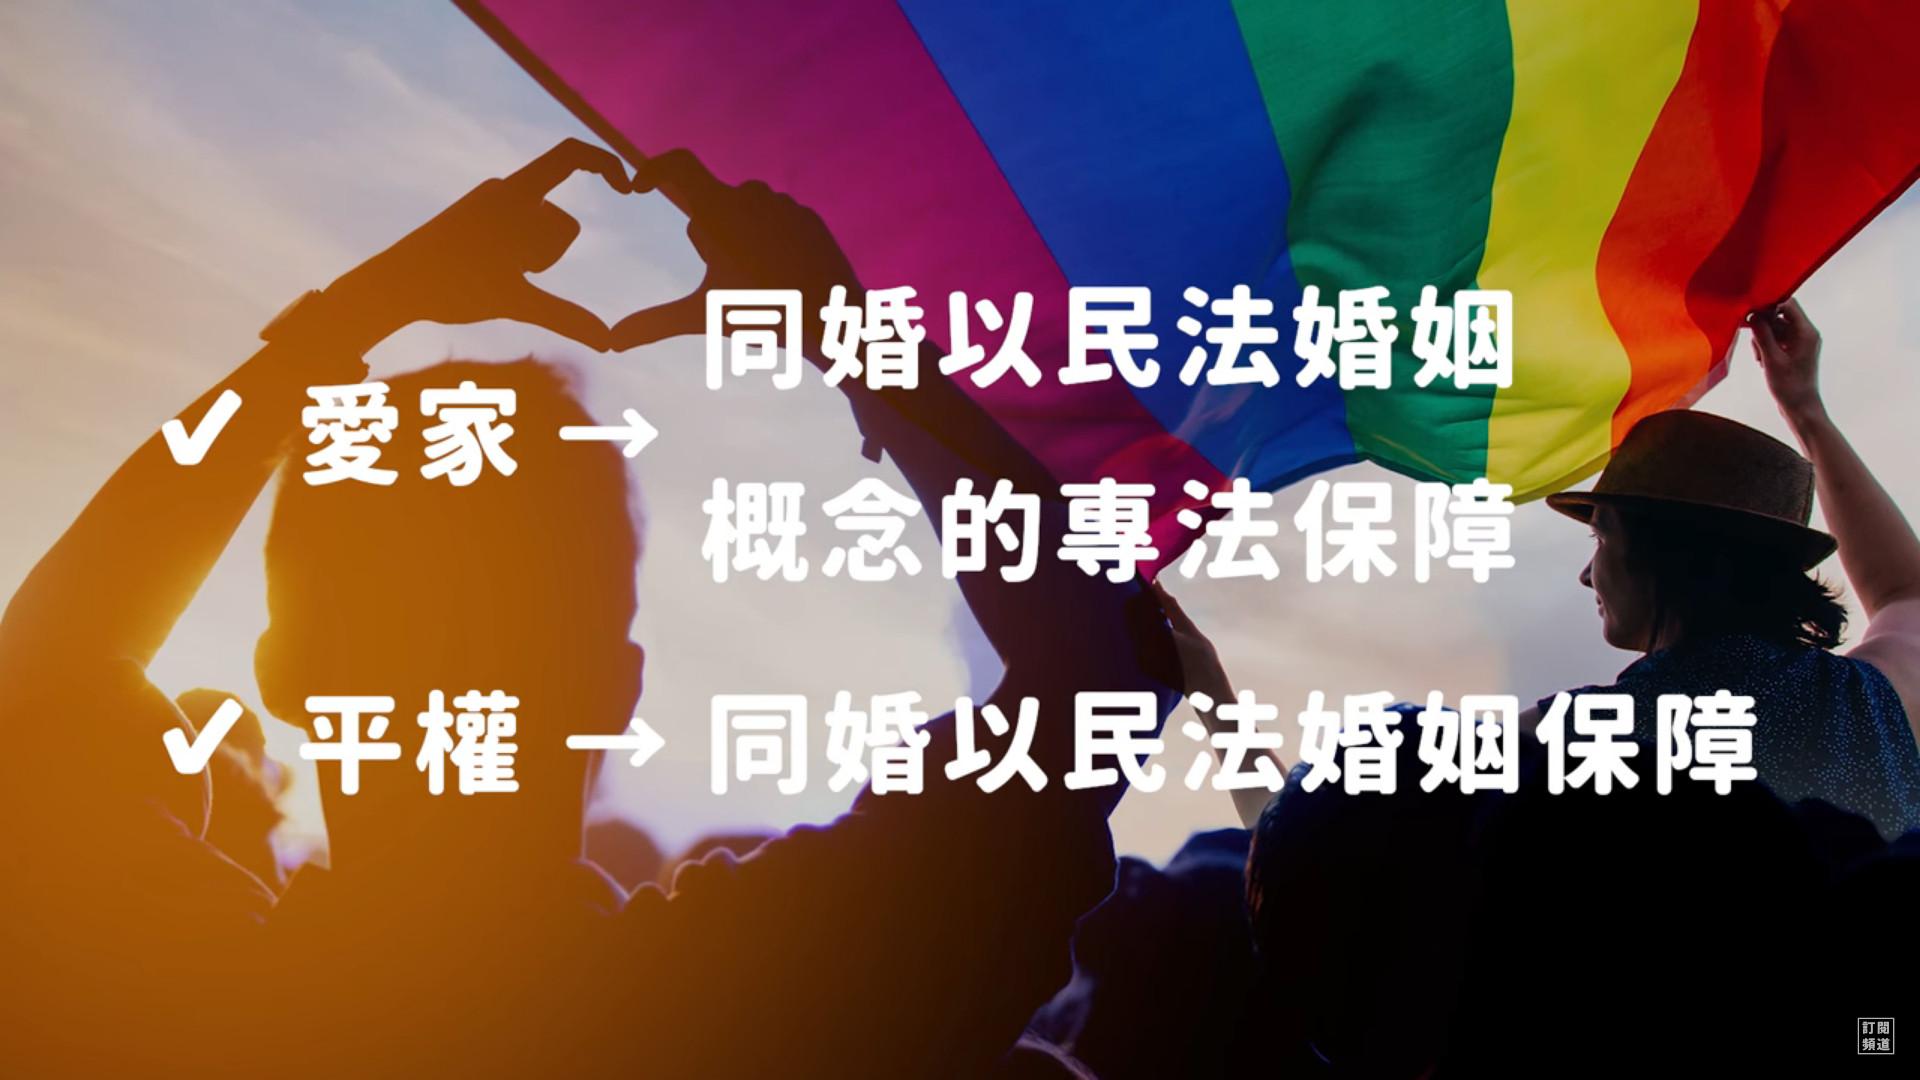 ▲▼愛家團體的兩案如果通過,將會使同志婚姻用一個「包含民法婚姻中所有概念的專法」來保障;而相對的,平權團體的提案通過,則會加強同婚以民法保障的可能。(圖/翻攝自志祺七七Youtube)